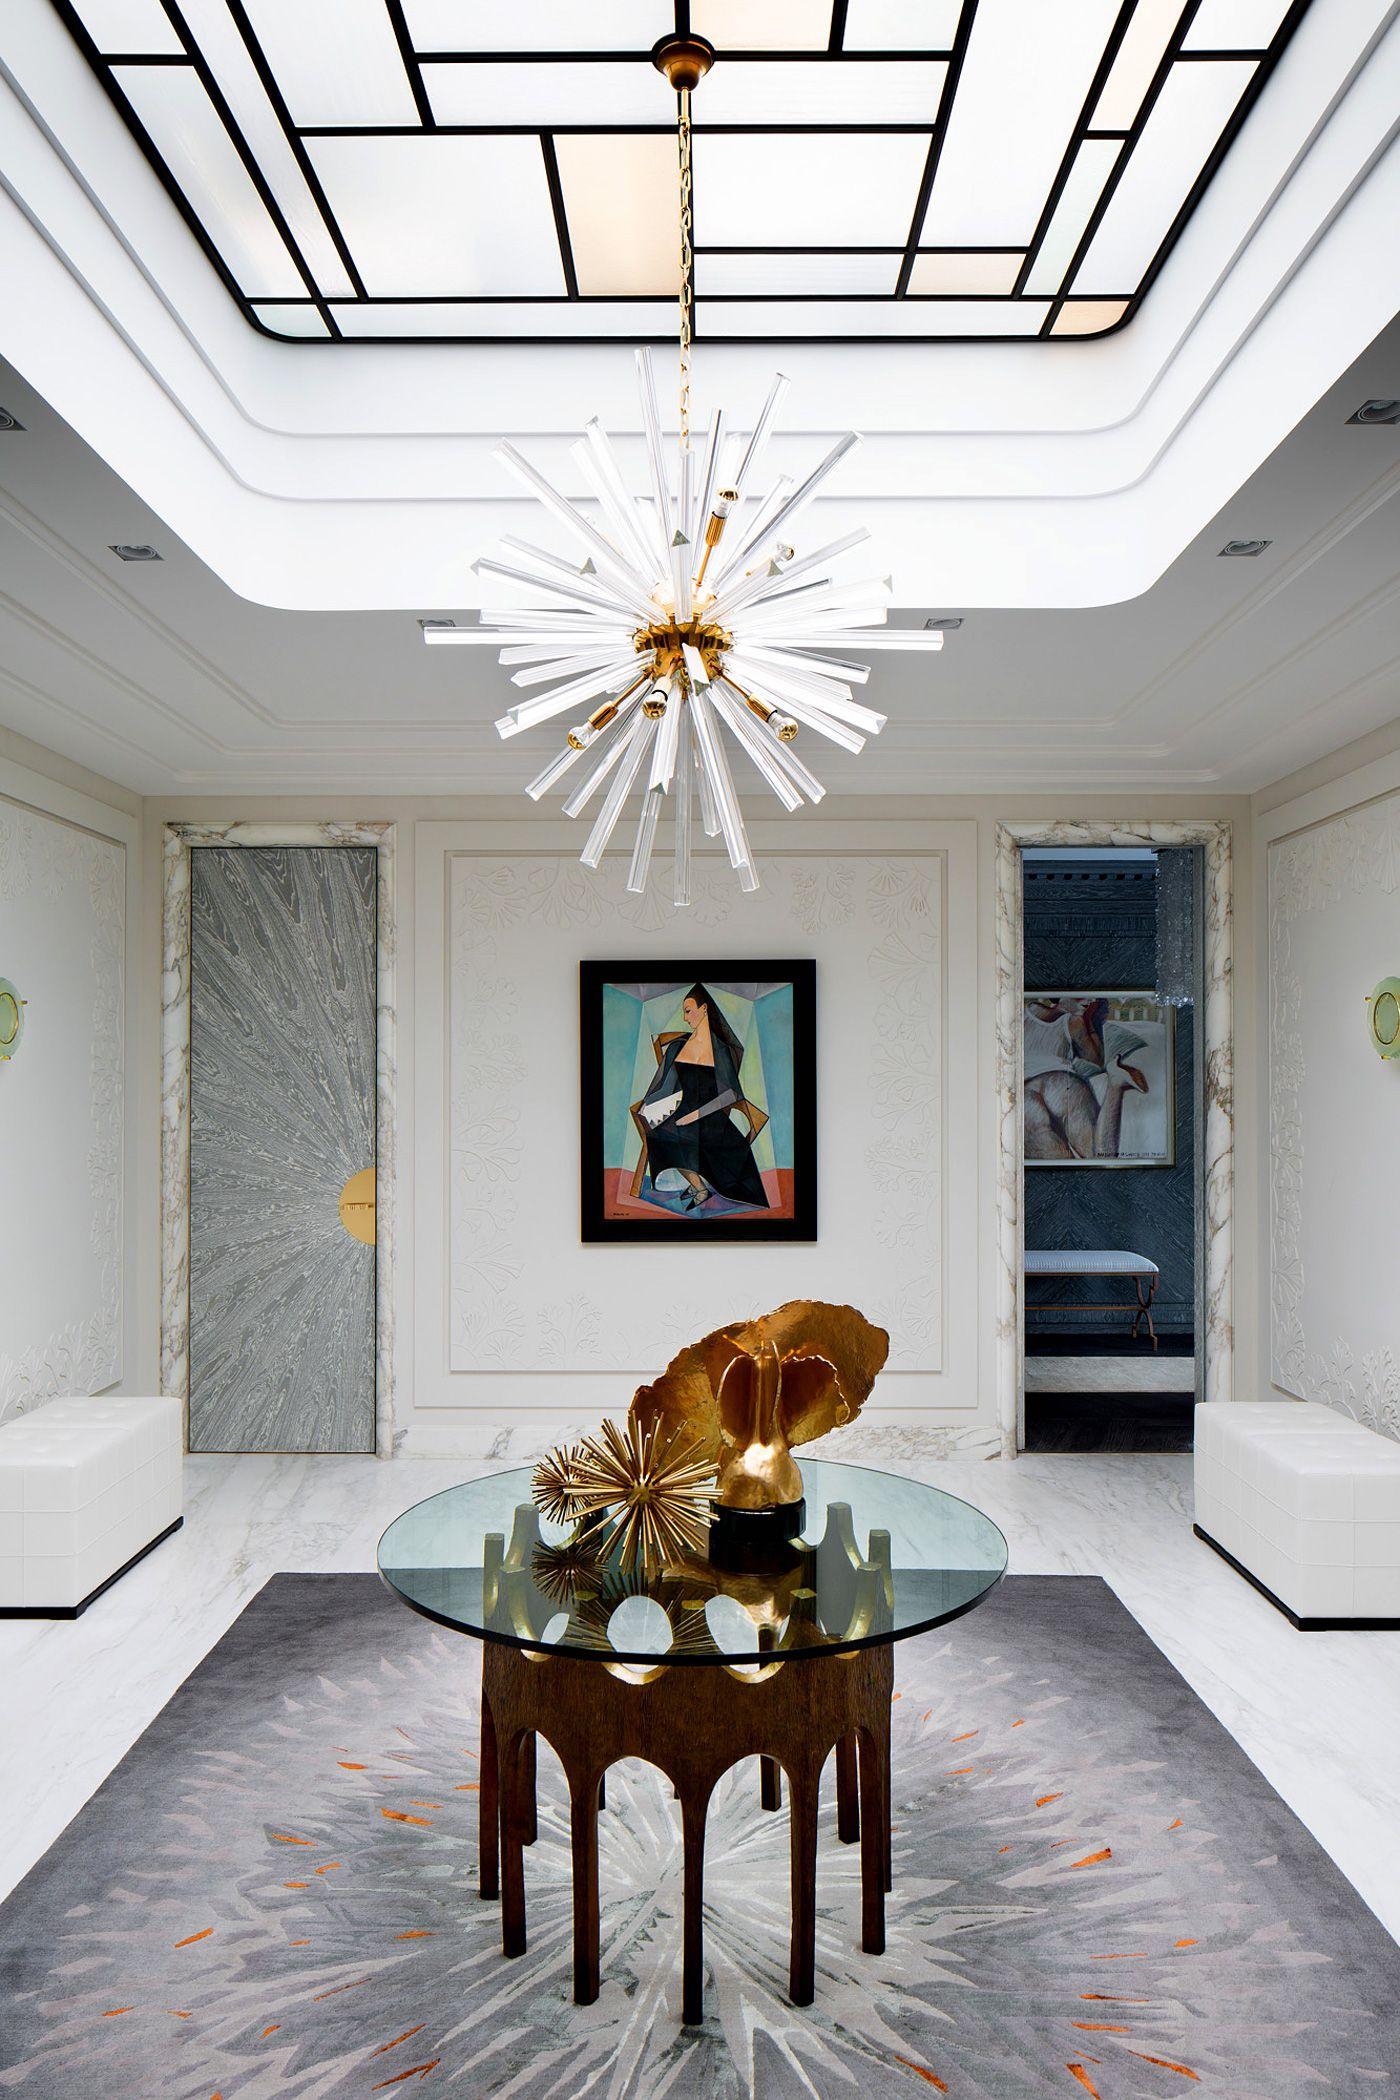 рисунки на потолок в стиле модерн фото поцелуй является